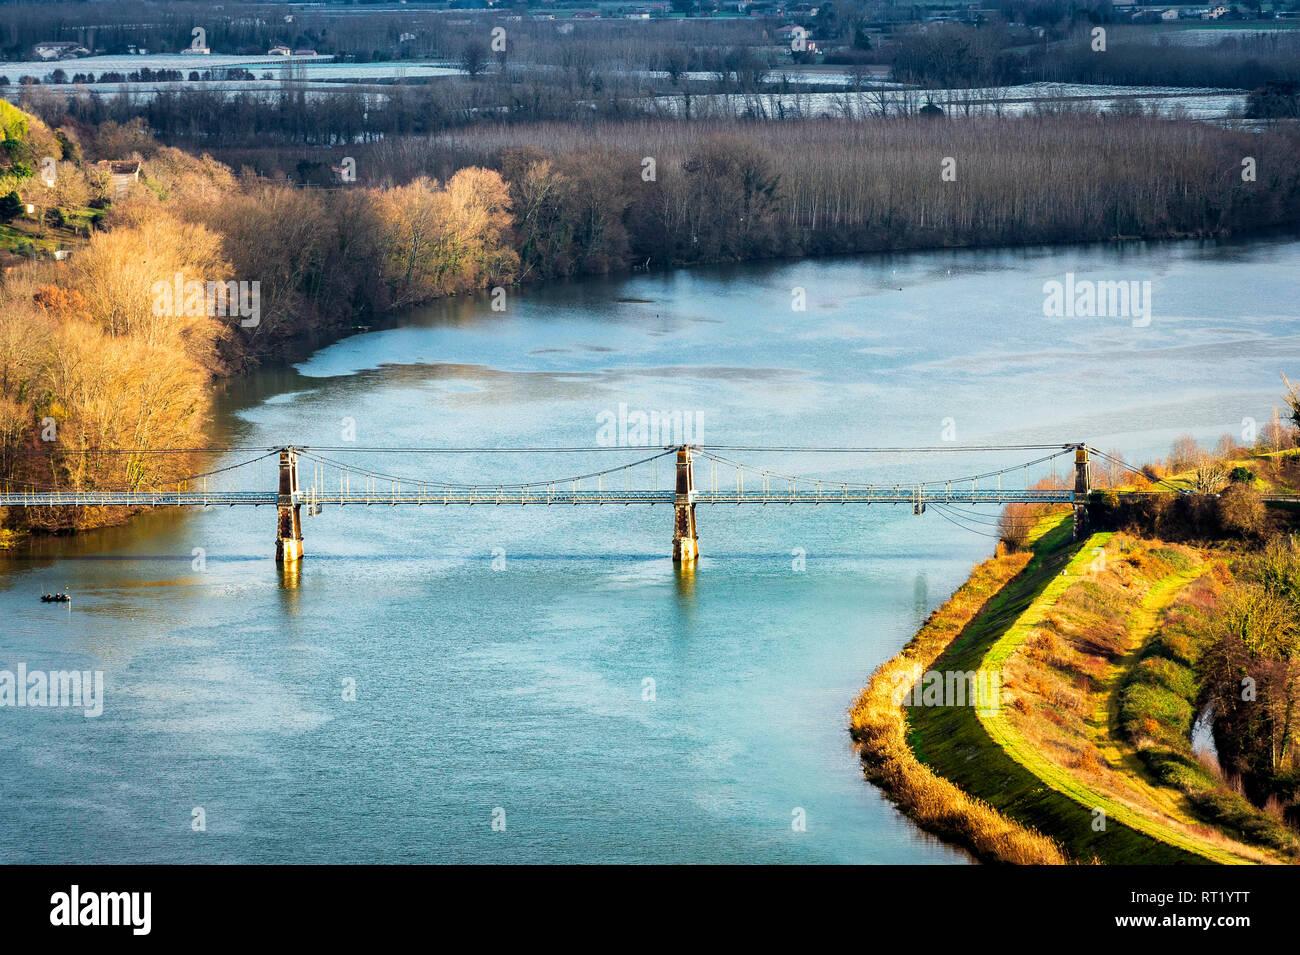 Pont Coudo Confluent du Tarn et Garonne, pont rivières à St Nicolas de la Grave, sud-ouest, Tarn et Garonne. France 82 Stock Photo